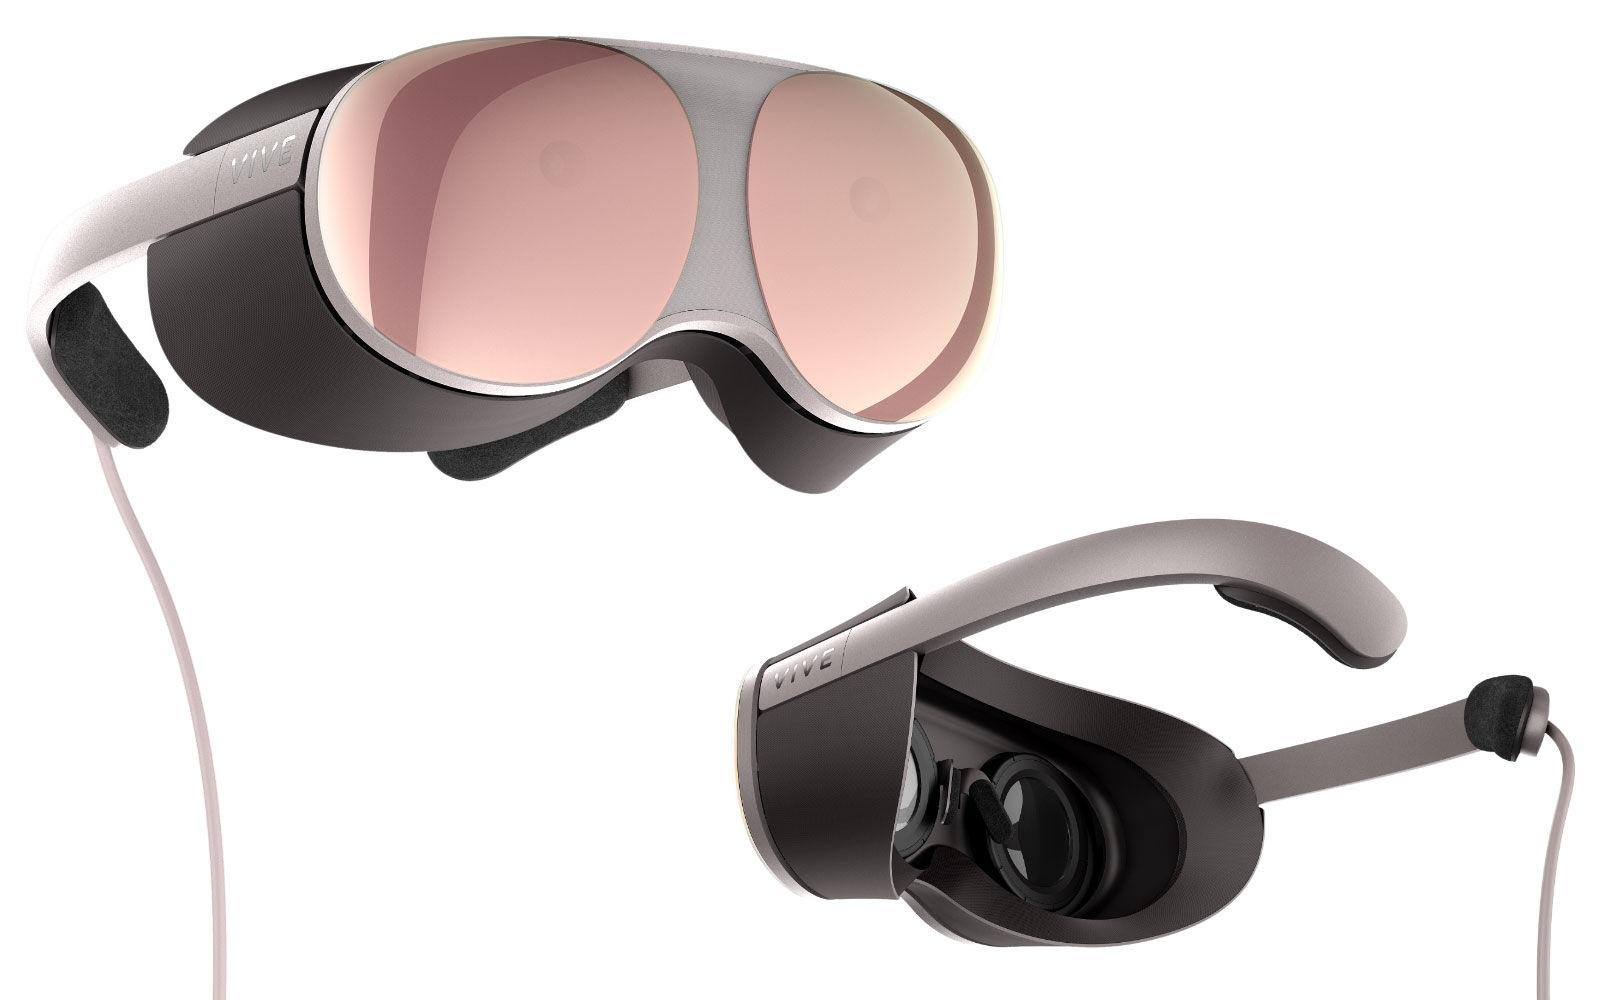 HTC visar upp VR-konceptet Project Proton Mer brillor än headset